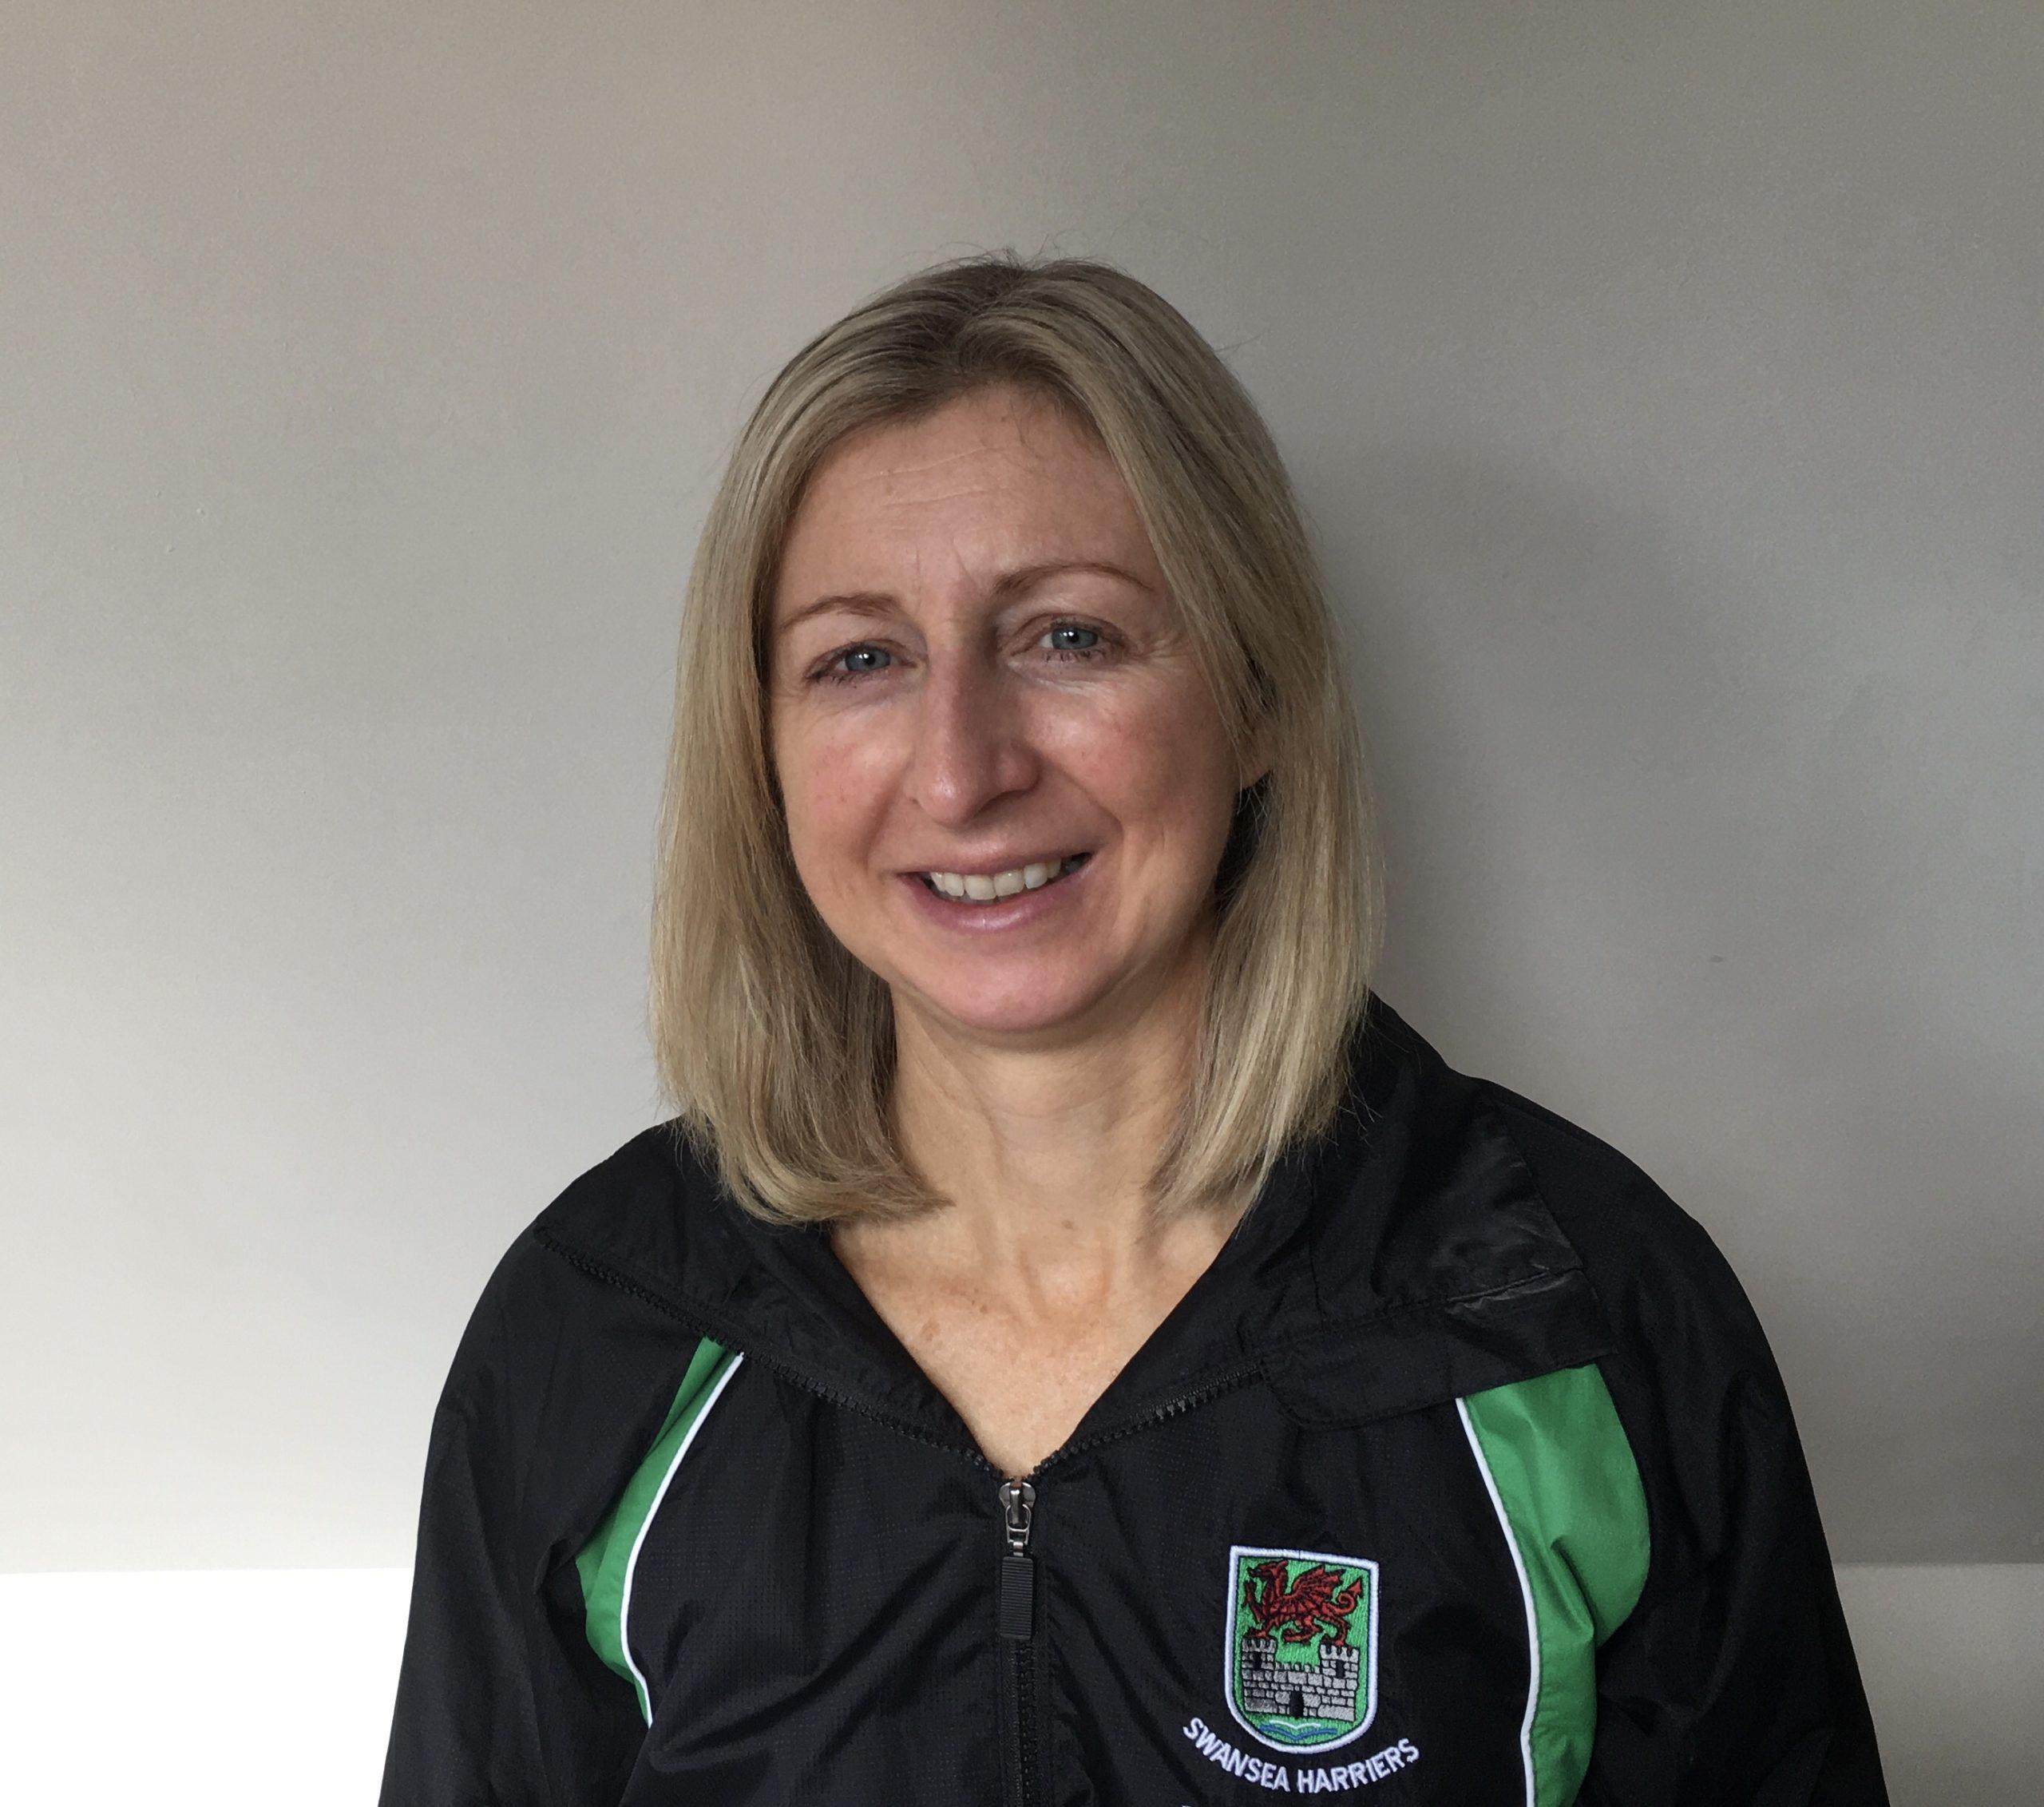 Julie Hartley-Green